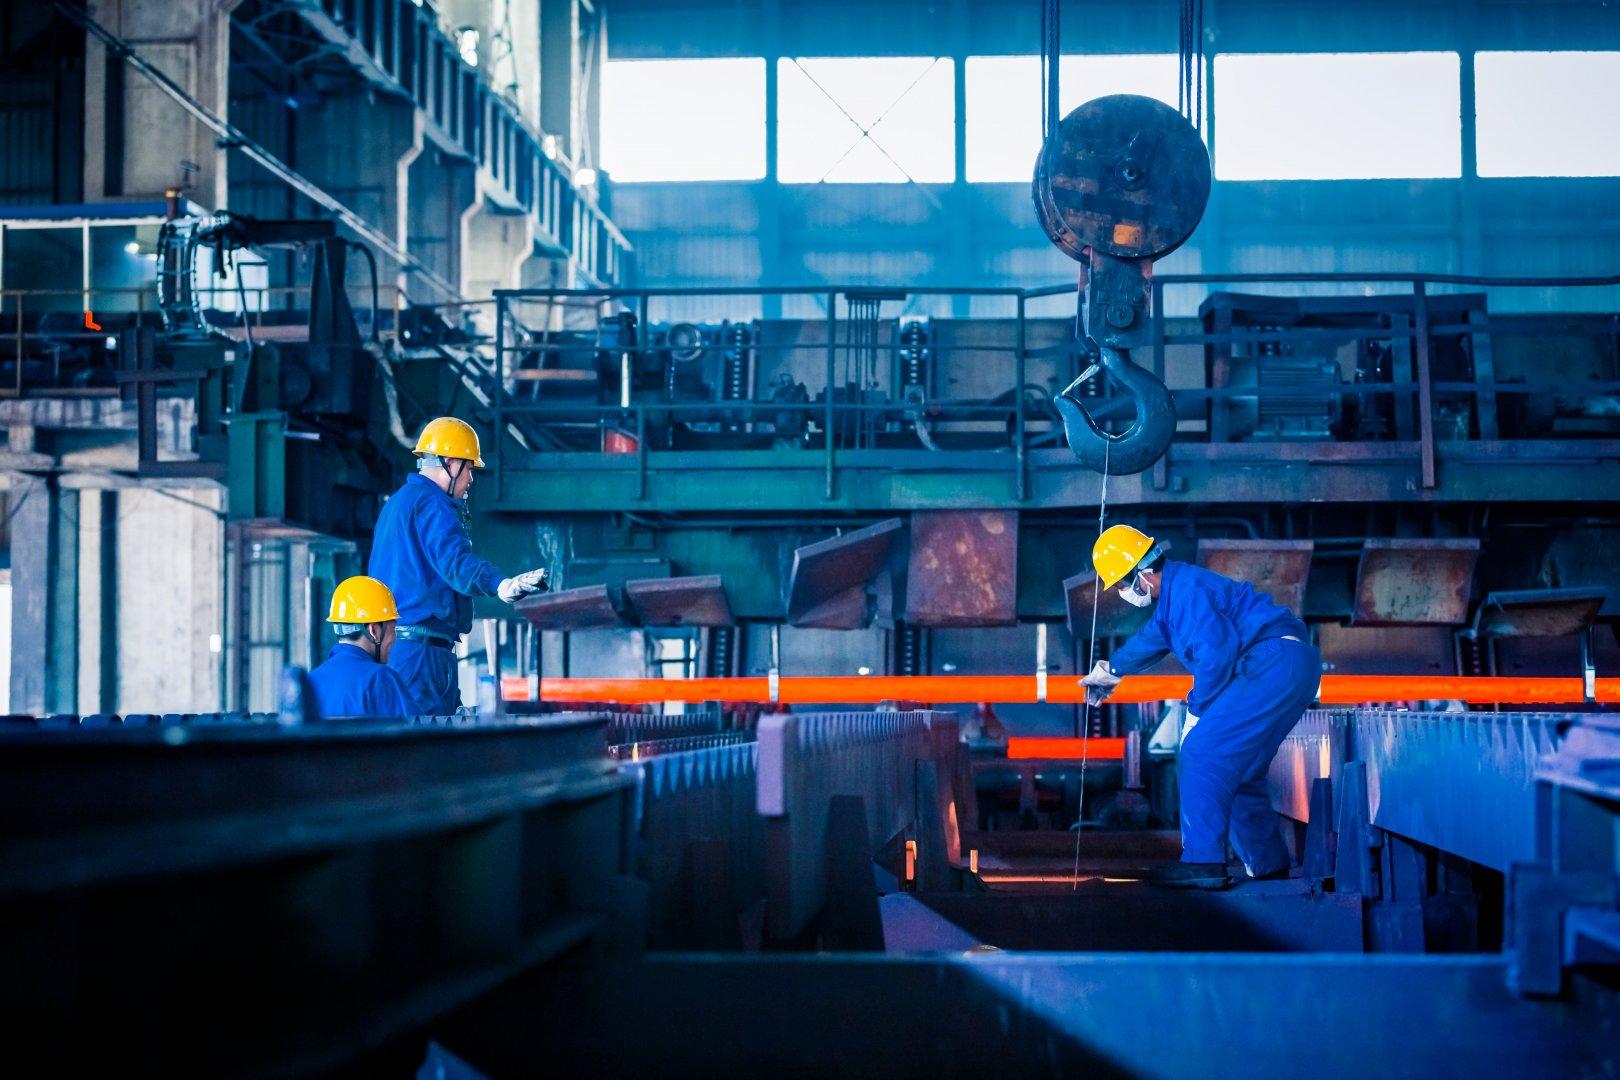 Produção da indústria catarinense cresce 12% nos acumulado dos últimos 12 meses